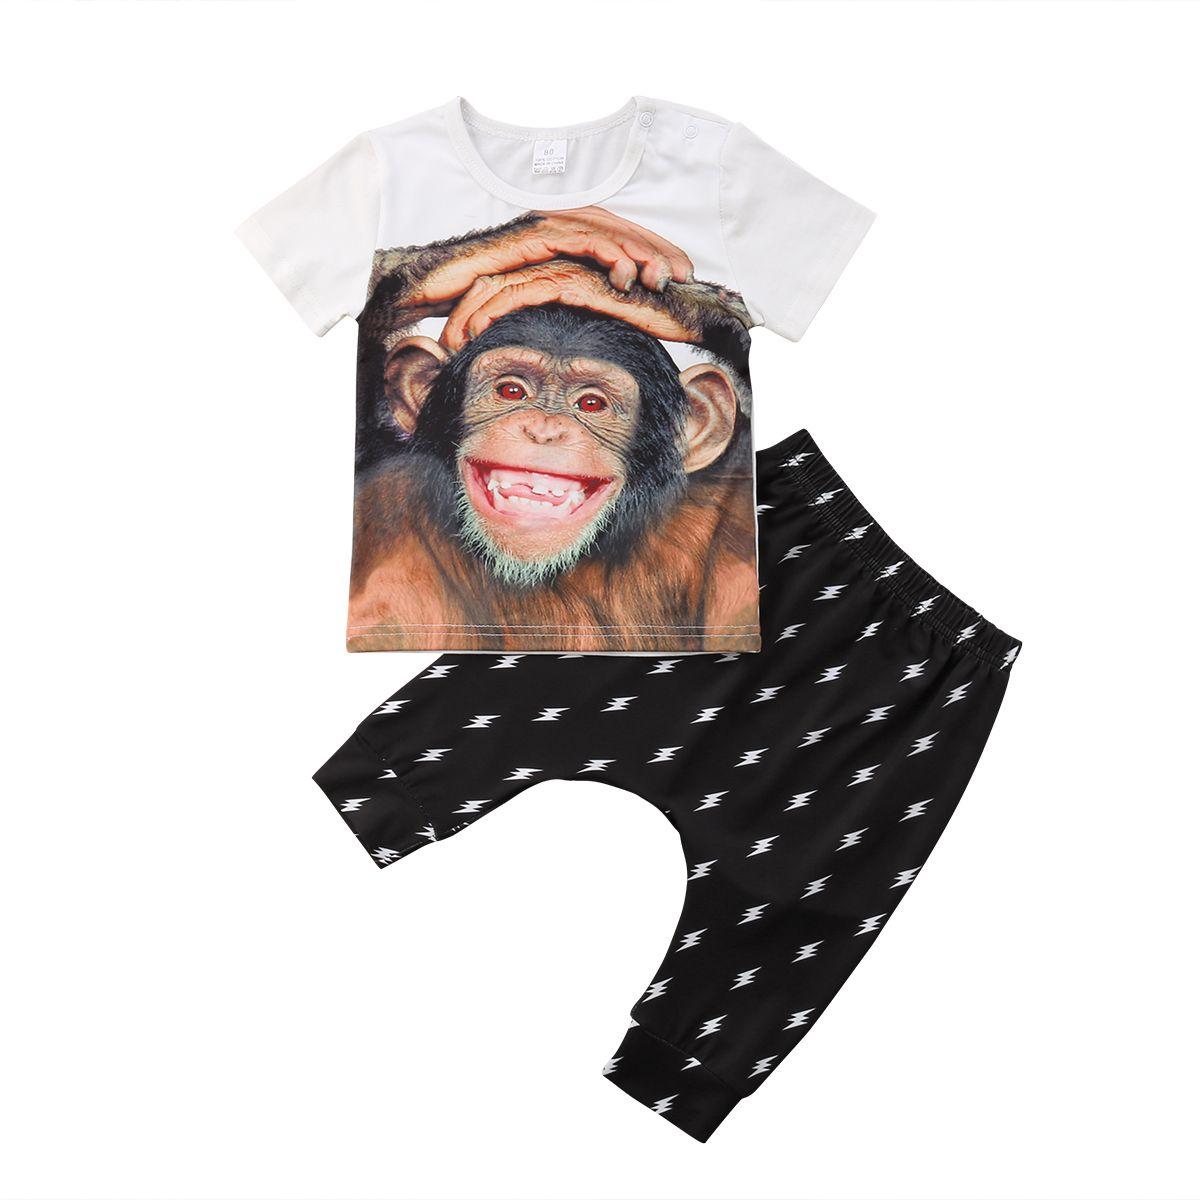 ملابس الطفل 2PCS طفل أطفال الطفل الأولاد ملابس Pritn القرد تي شيرت بلايز + سروال زهري تتسابق مجموعة 1-5T